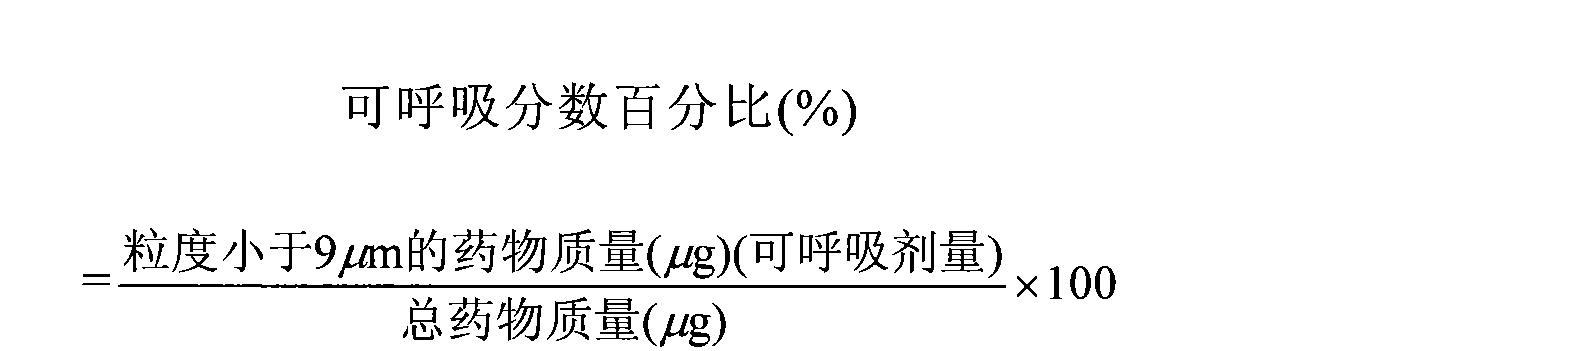 Figure CN101378735BD00573